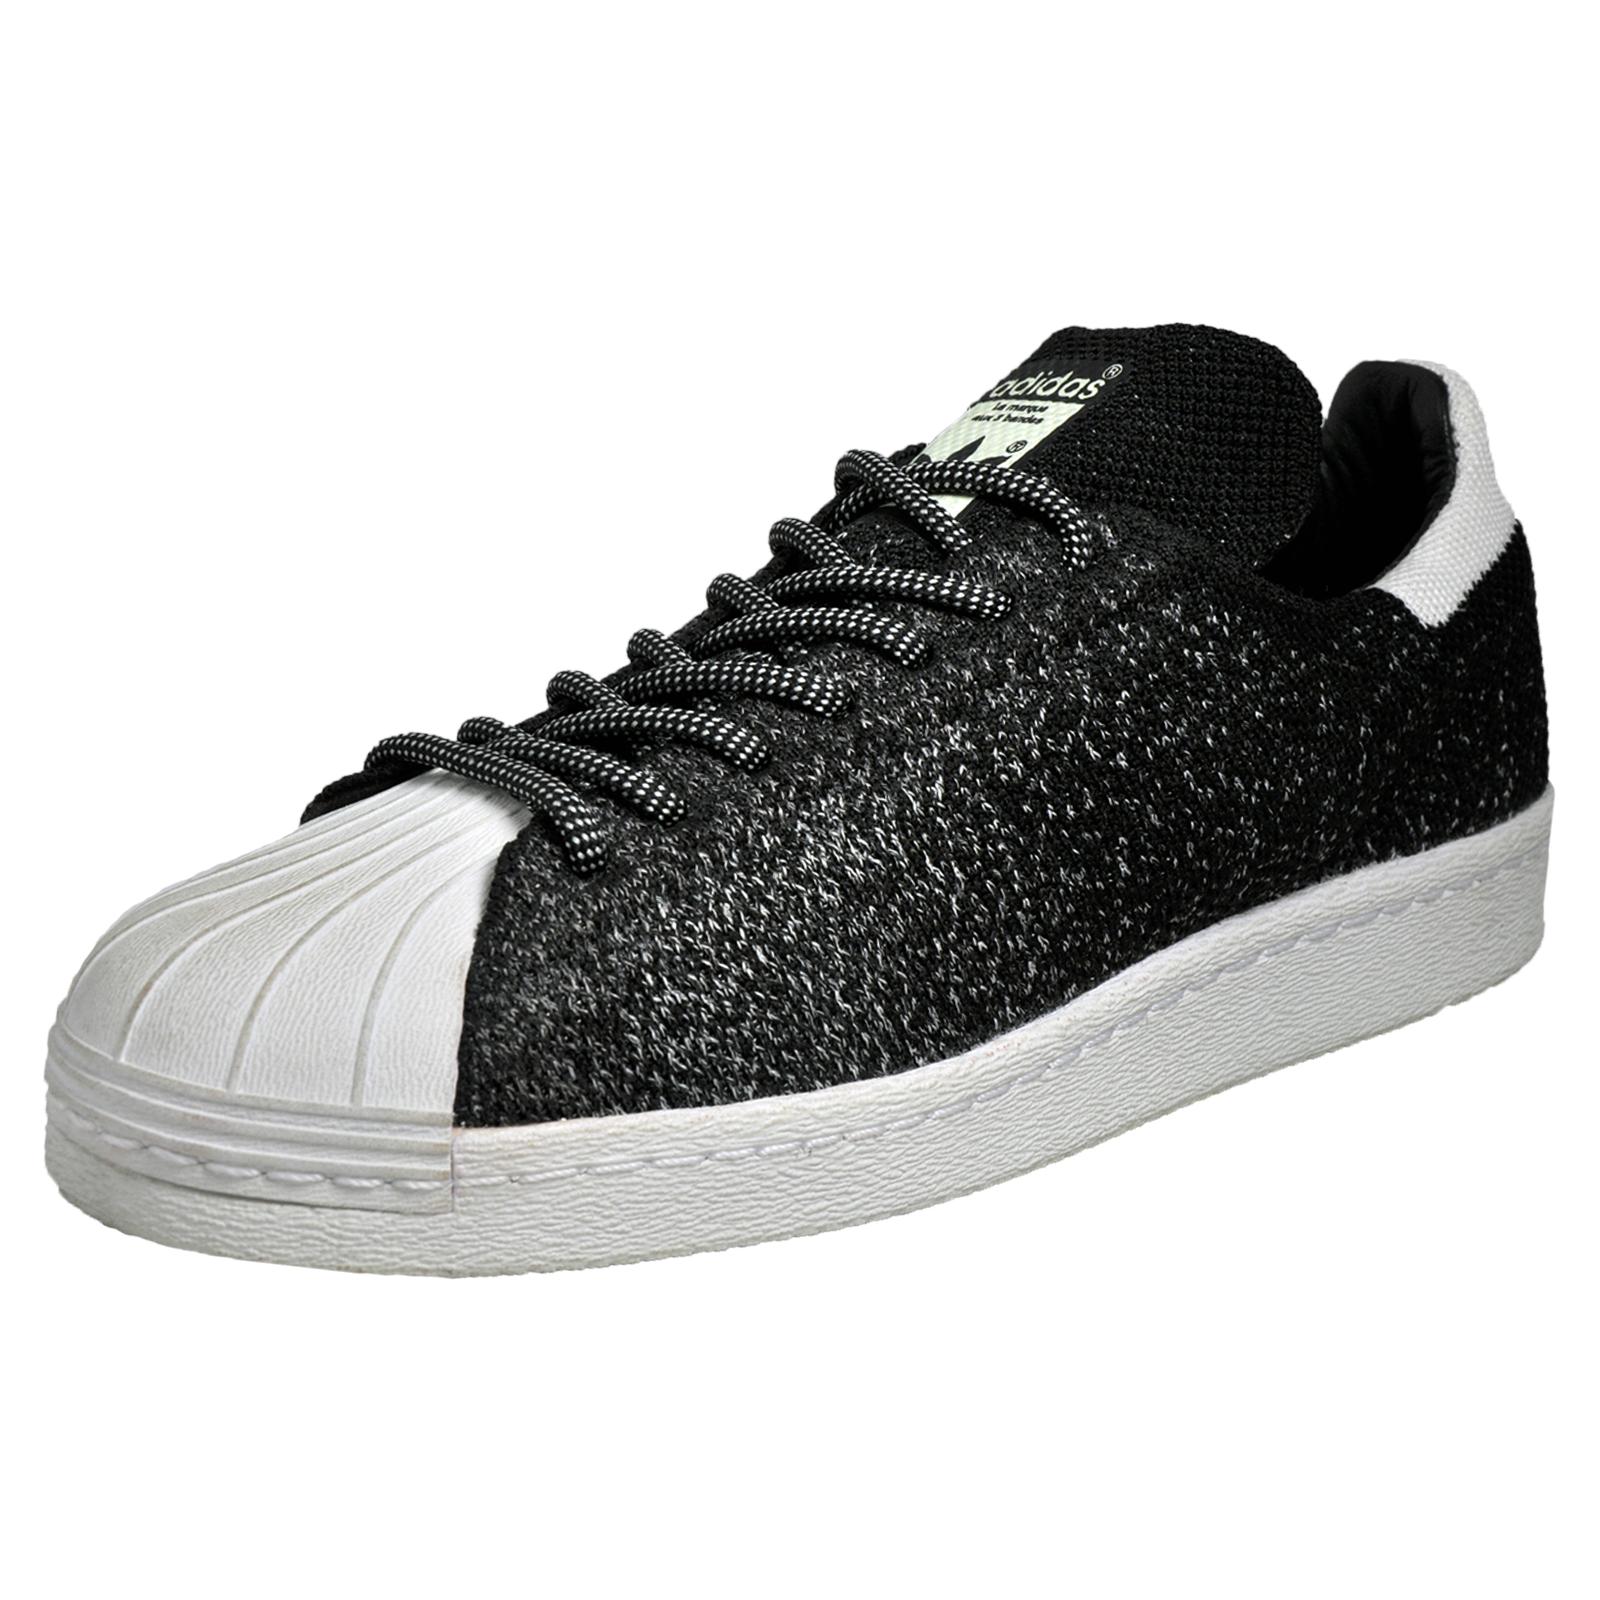 916b0a14a08ca2 Adidas Originals Superstar 80s Primeknit ASG Mens Classic Retro Trainers  Black